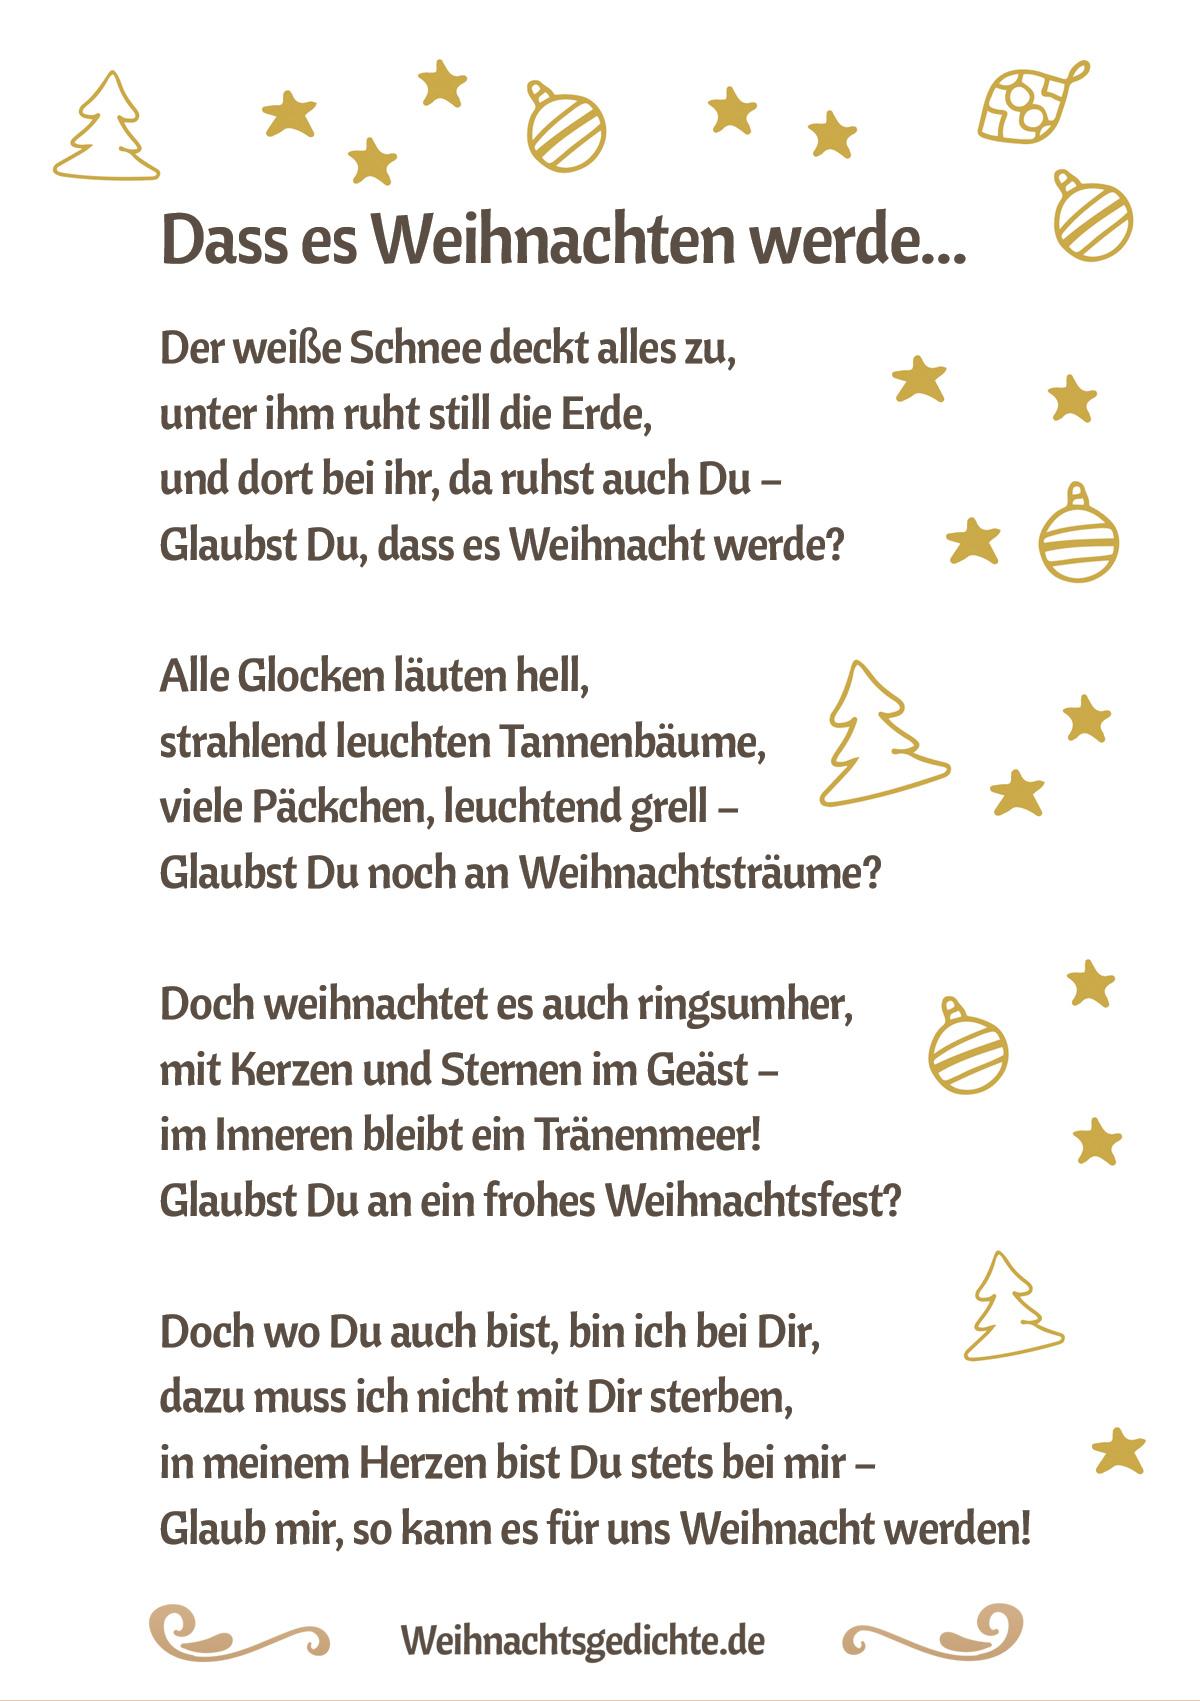 Lustige Weihnachtsgedichte Weihnachtsgeschichten.Weihnachtsgedichte Bilder Zum Versenden Als E Mail Oder Facebook